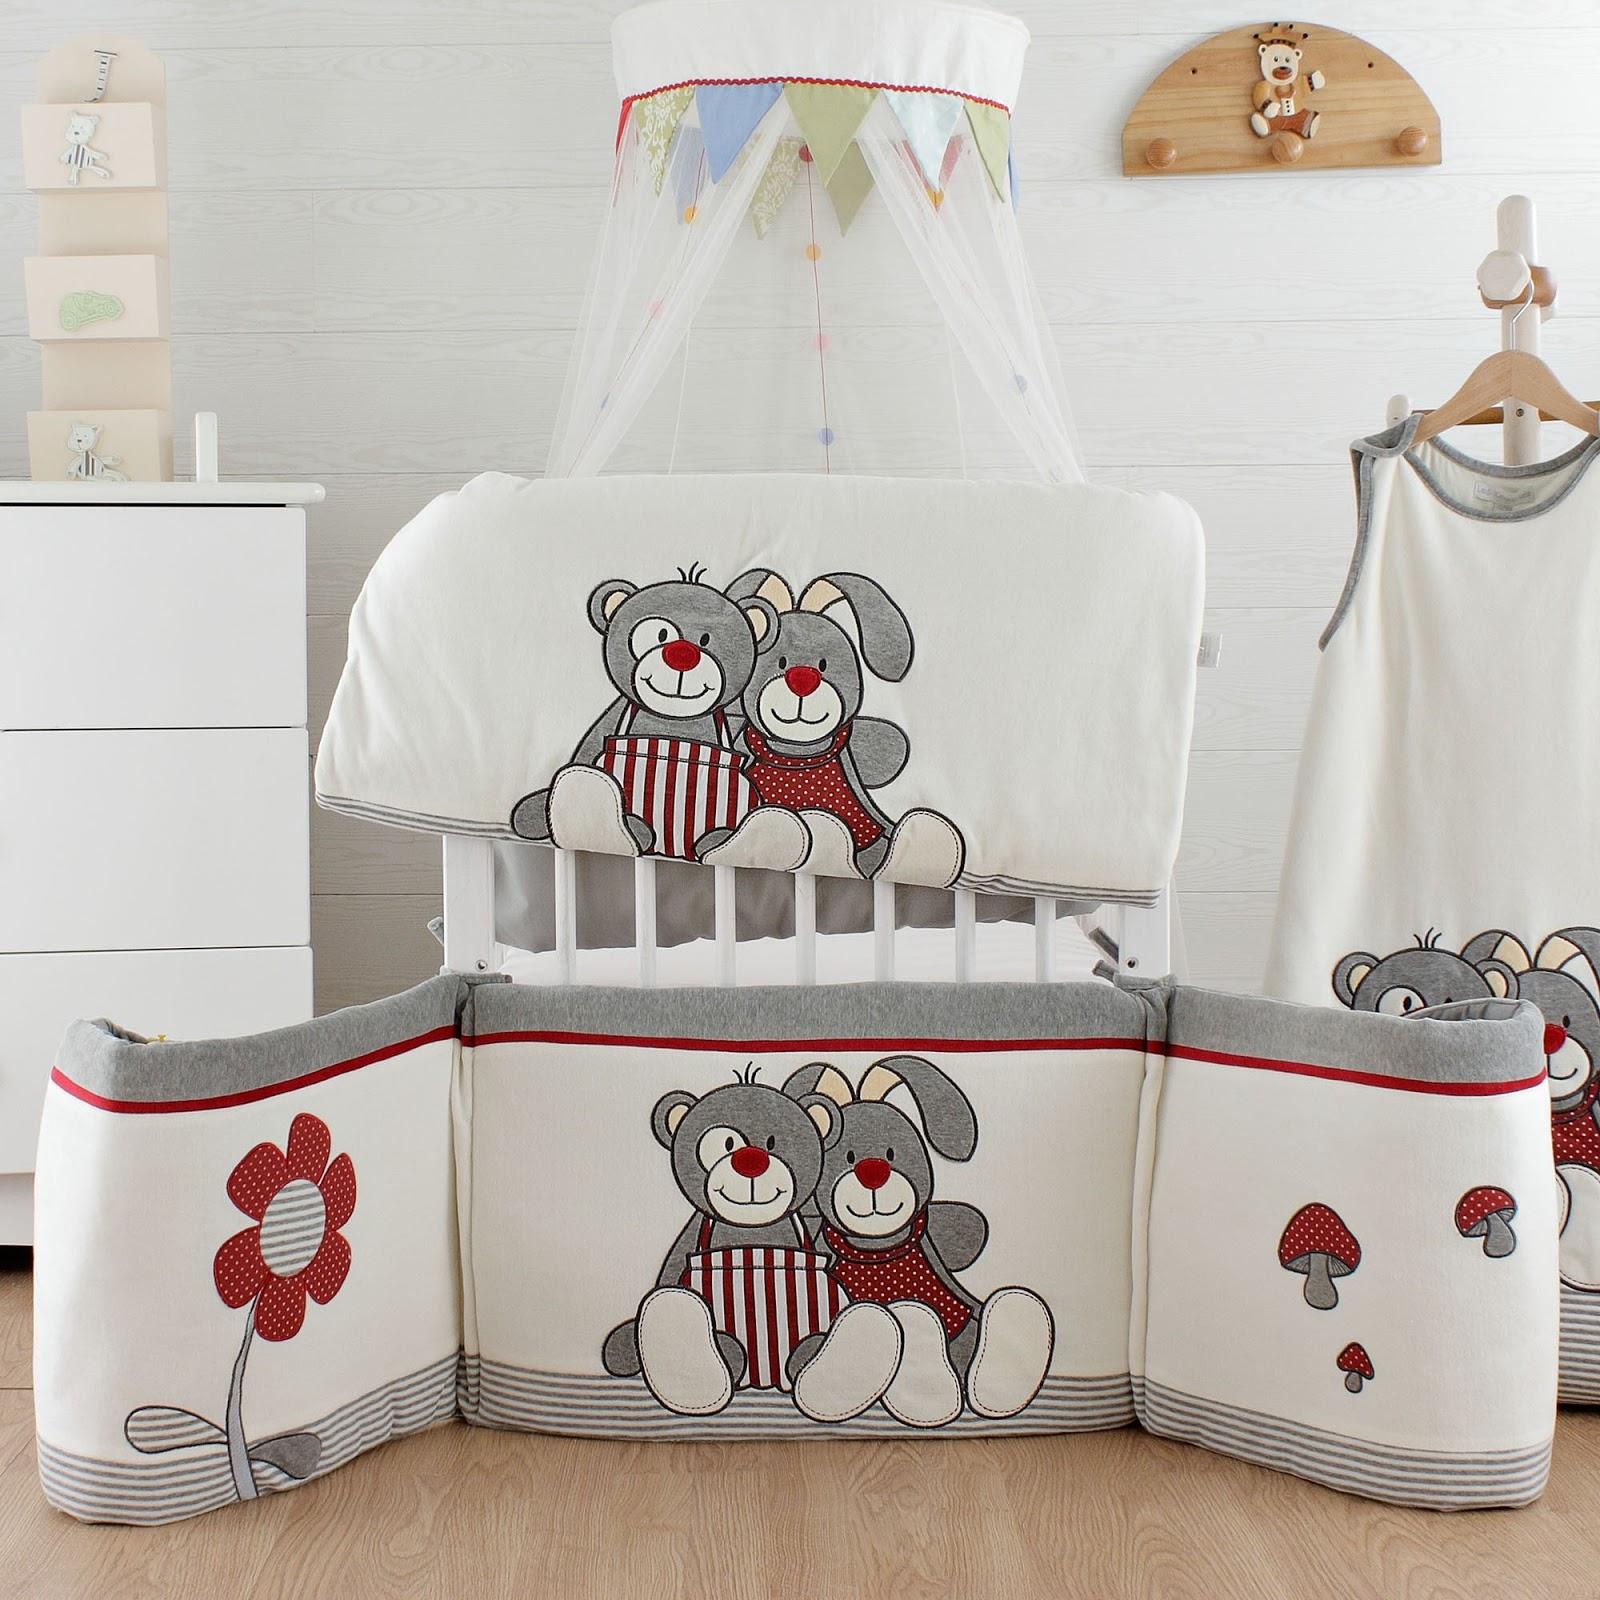 les plus belles chambres en images pour les b b s b b et d coration chambre b b sant. Black Bedroom Furniture Sets. Home Design Ideas